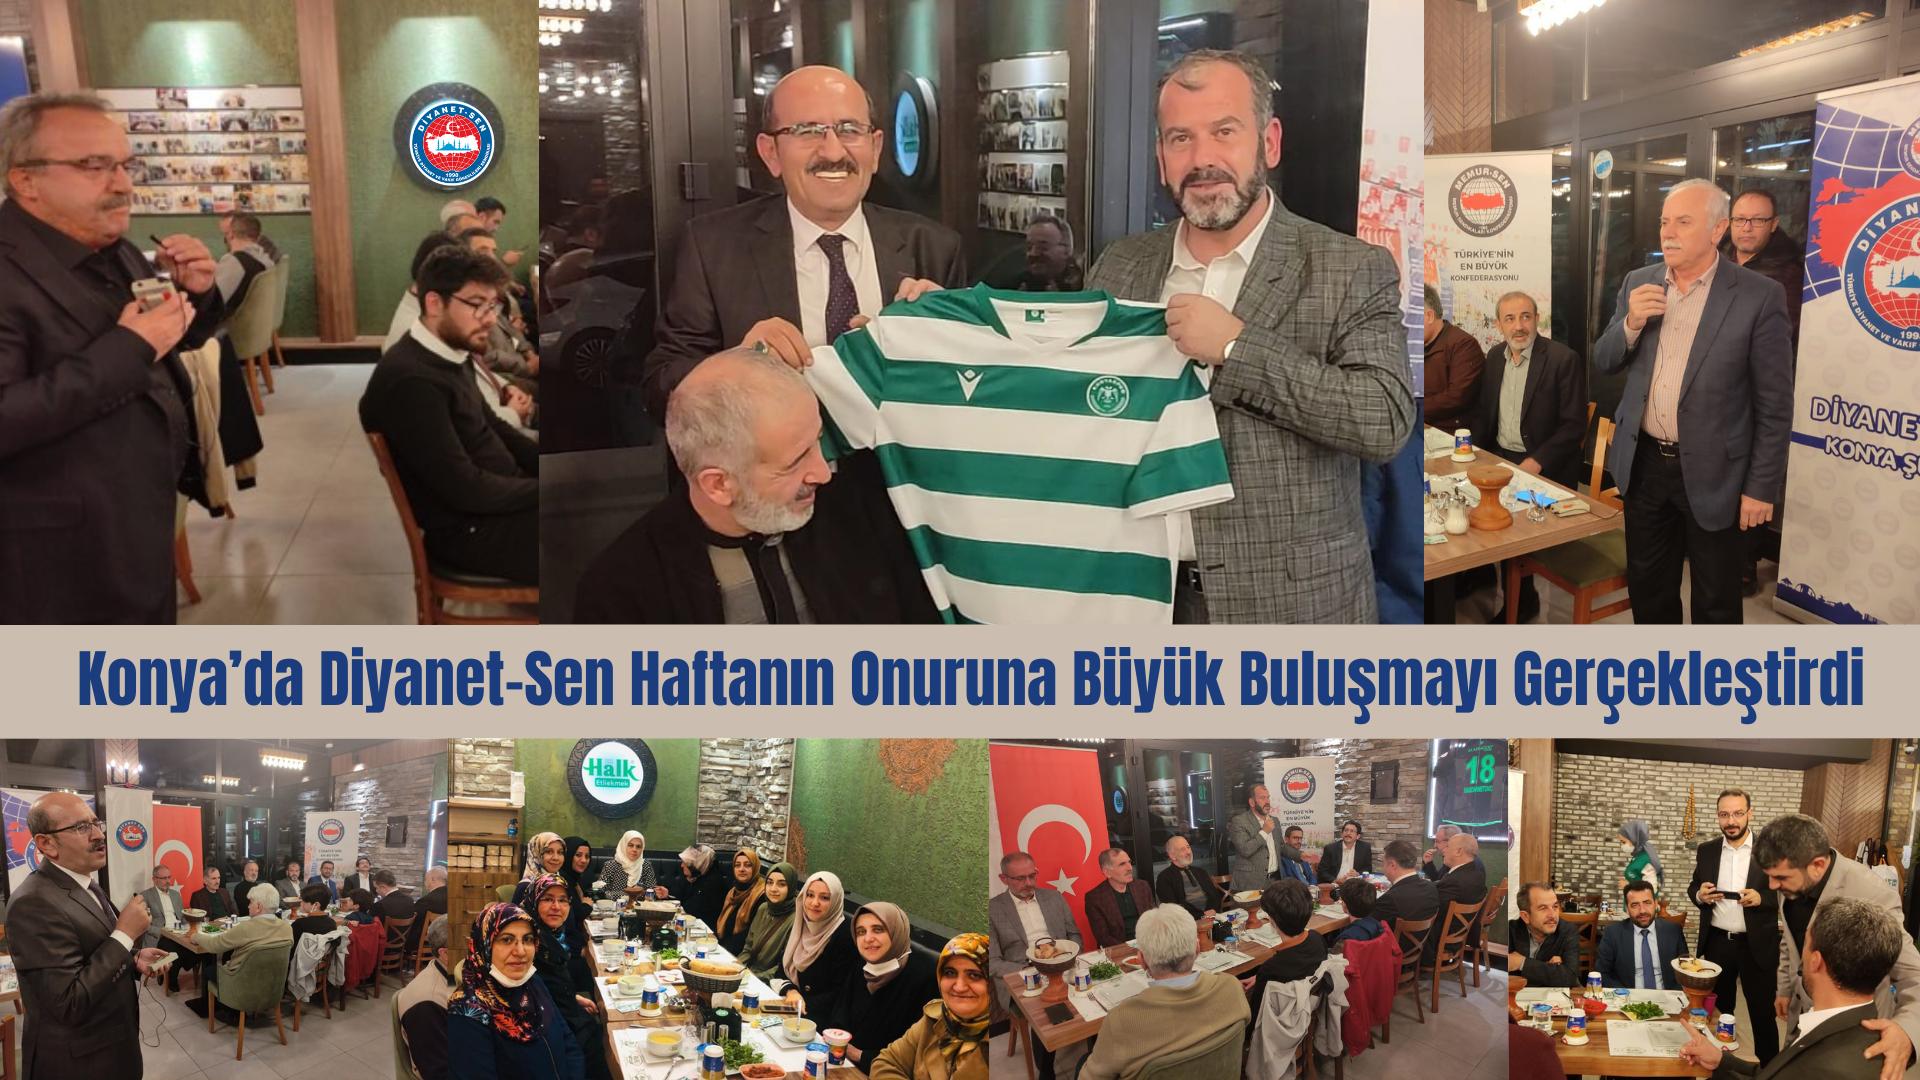 Konya'da Diyanet-Sen Haftanın Onuruna Büyük Buluşmayı Gerçekleştirdi